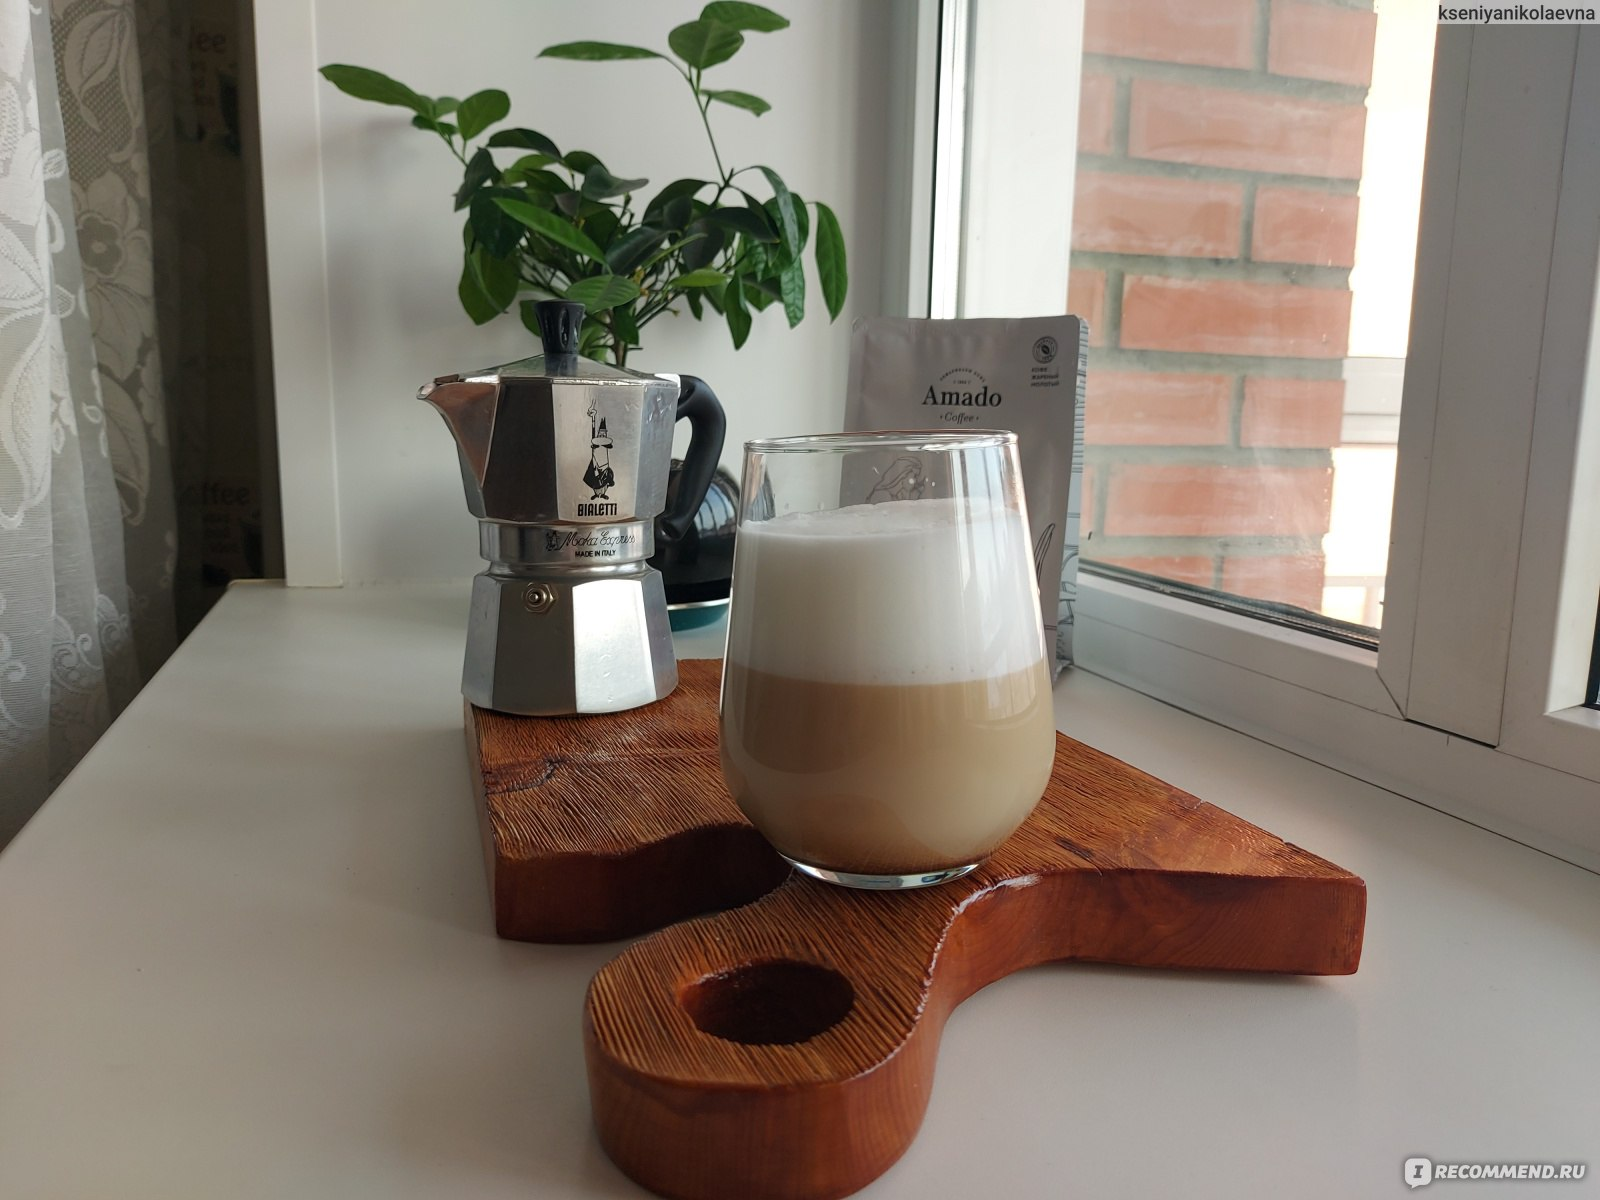 Таблетки для чистки кофемашины от накипи и кофейных масел